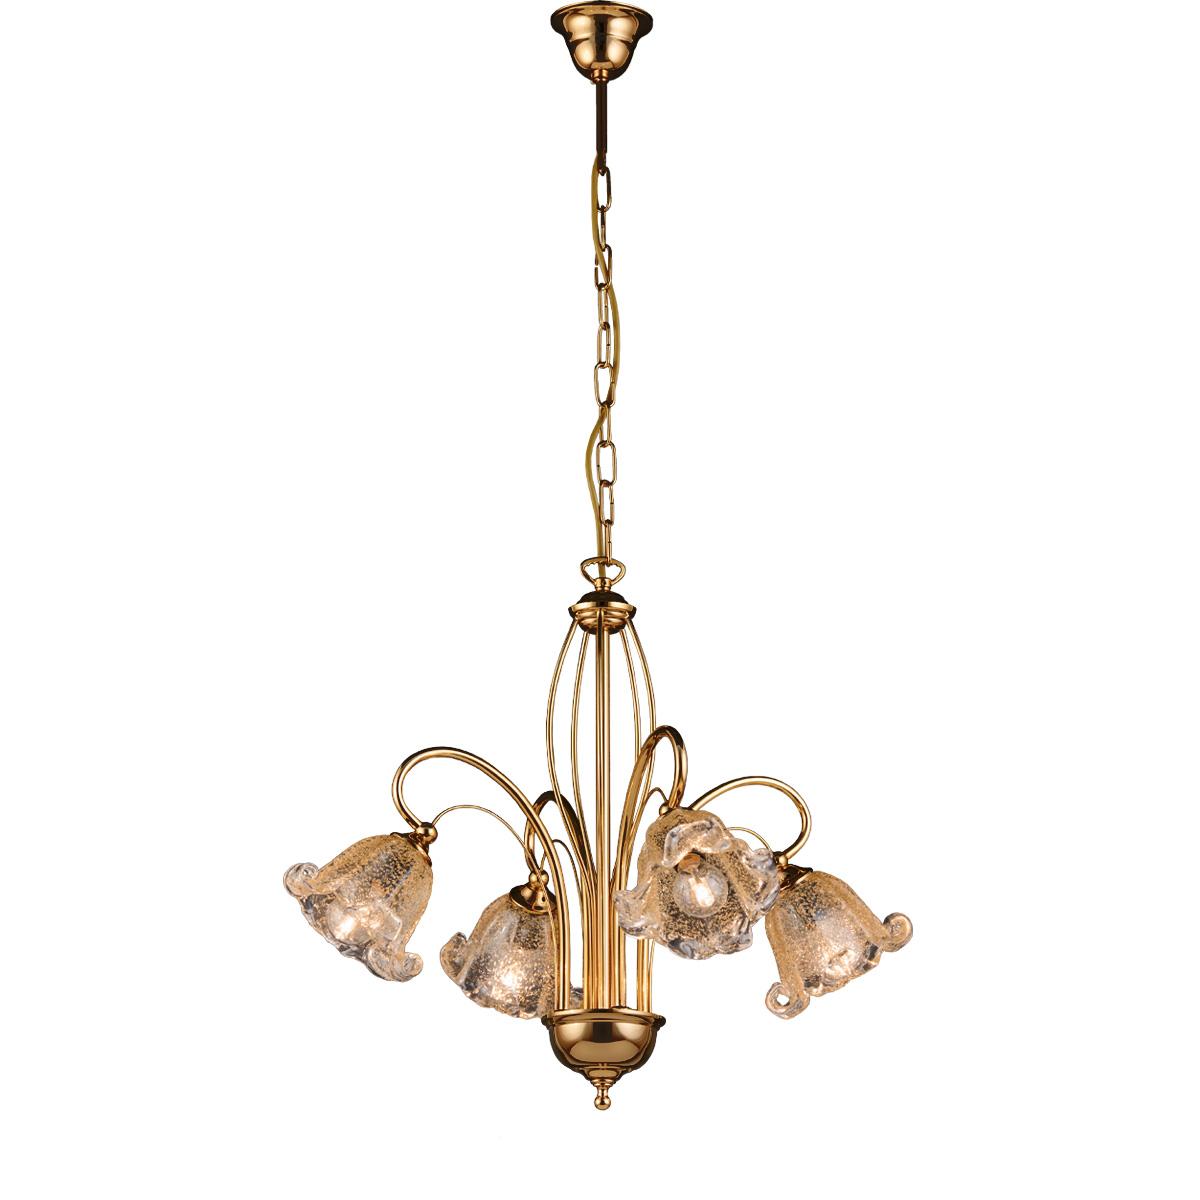 Πολύφωτο με κρύσταλλα Murano ΝΥΜΦΑΙΟ chandelier with Murano crystals